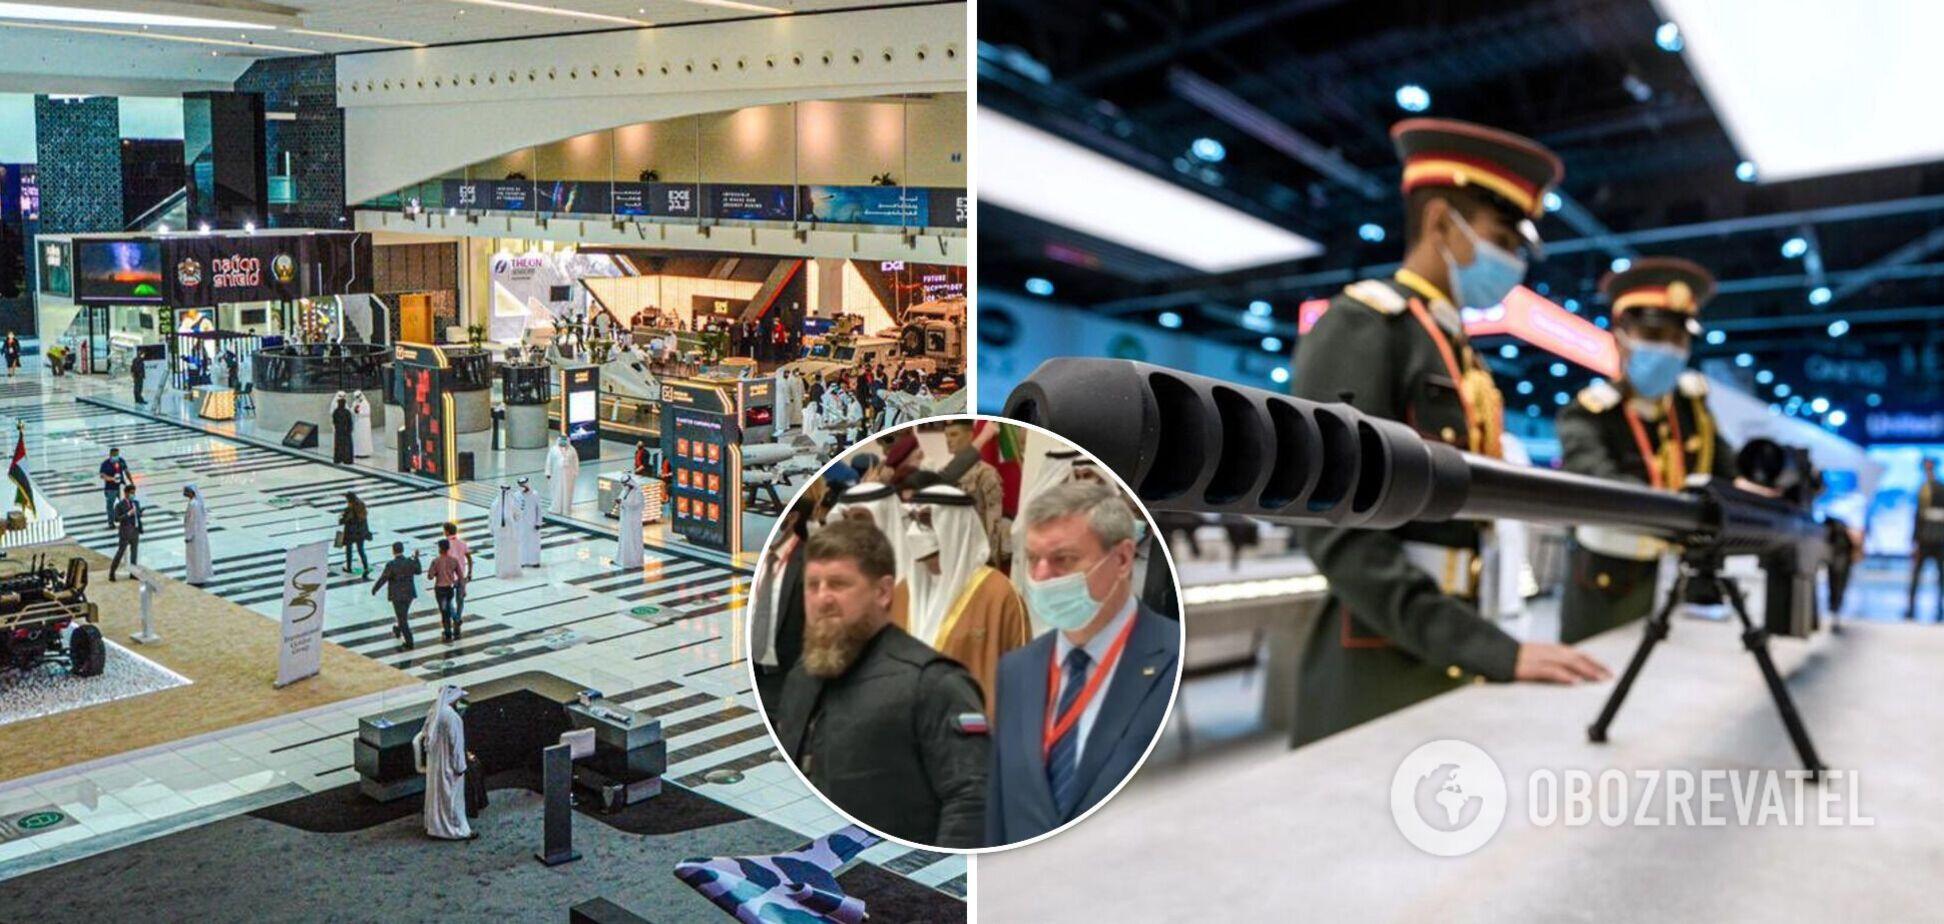 Уруский должен был предотвратить 'встречу' с Кадыровым, – нардеп от 'Голоса'